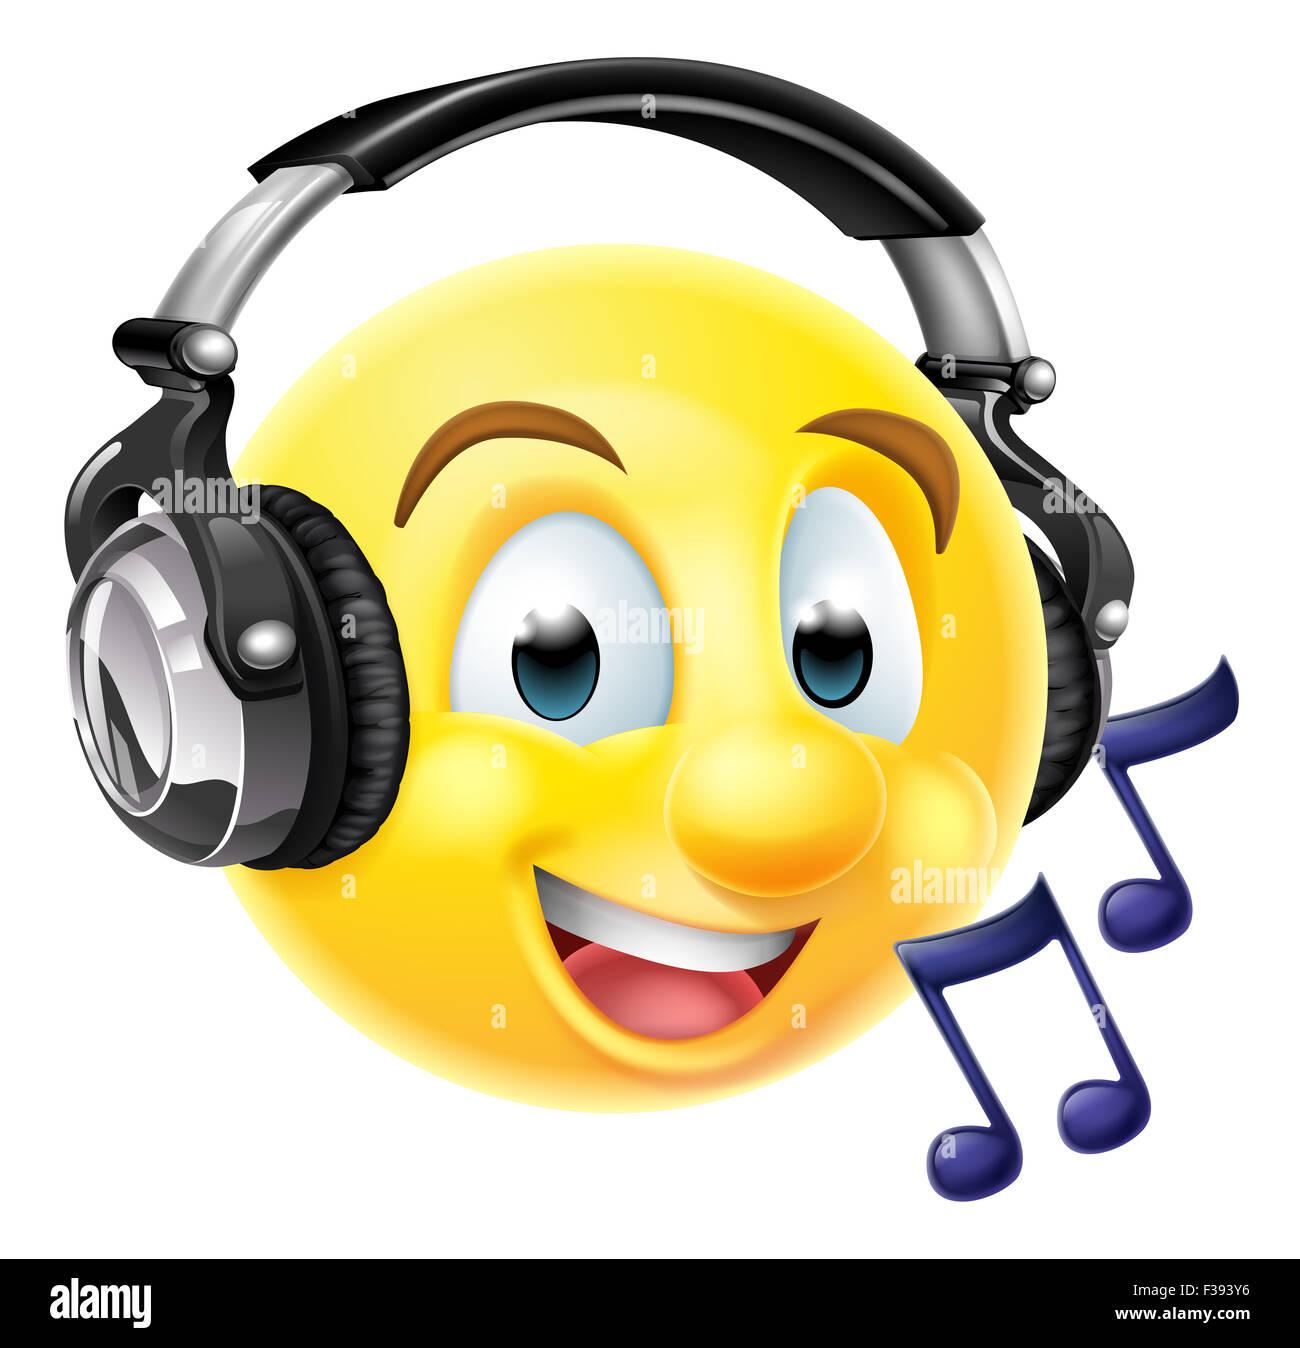 Un Emoticono Emoji Usando Audífonos Y Escuchar Música O Cantando